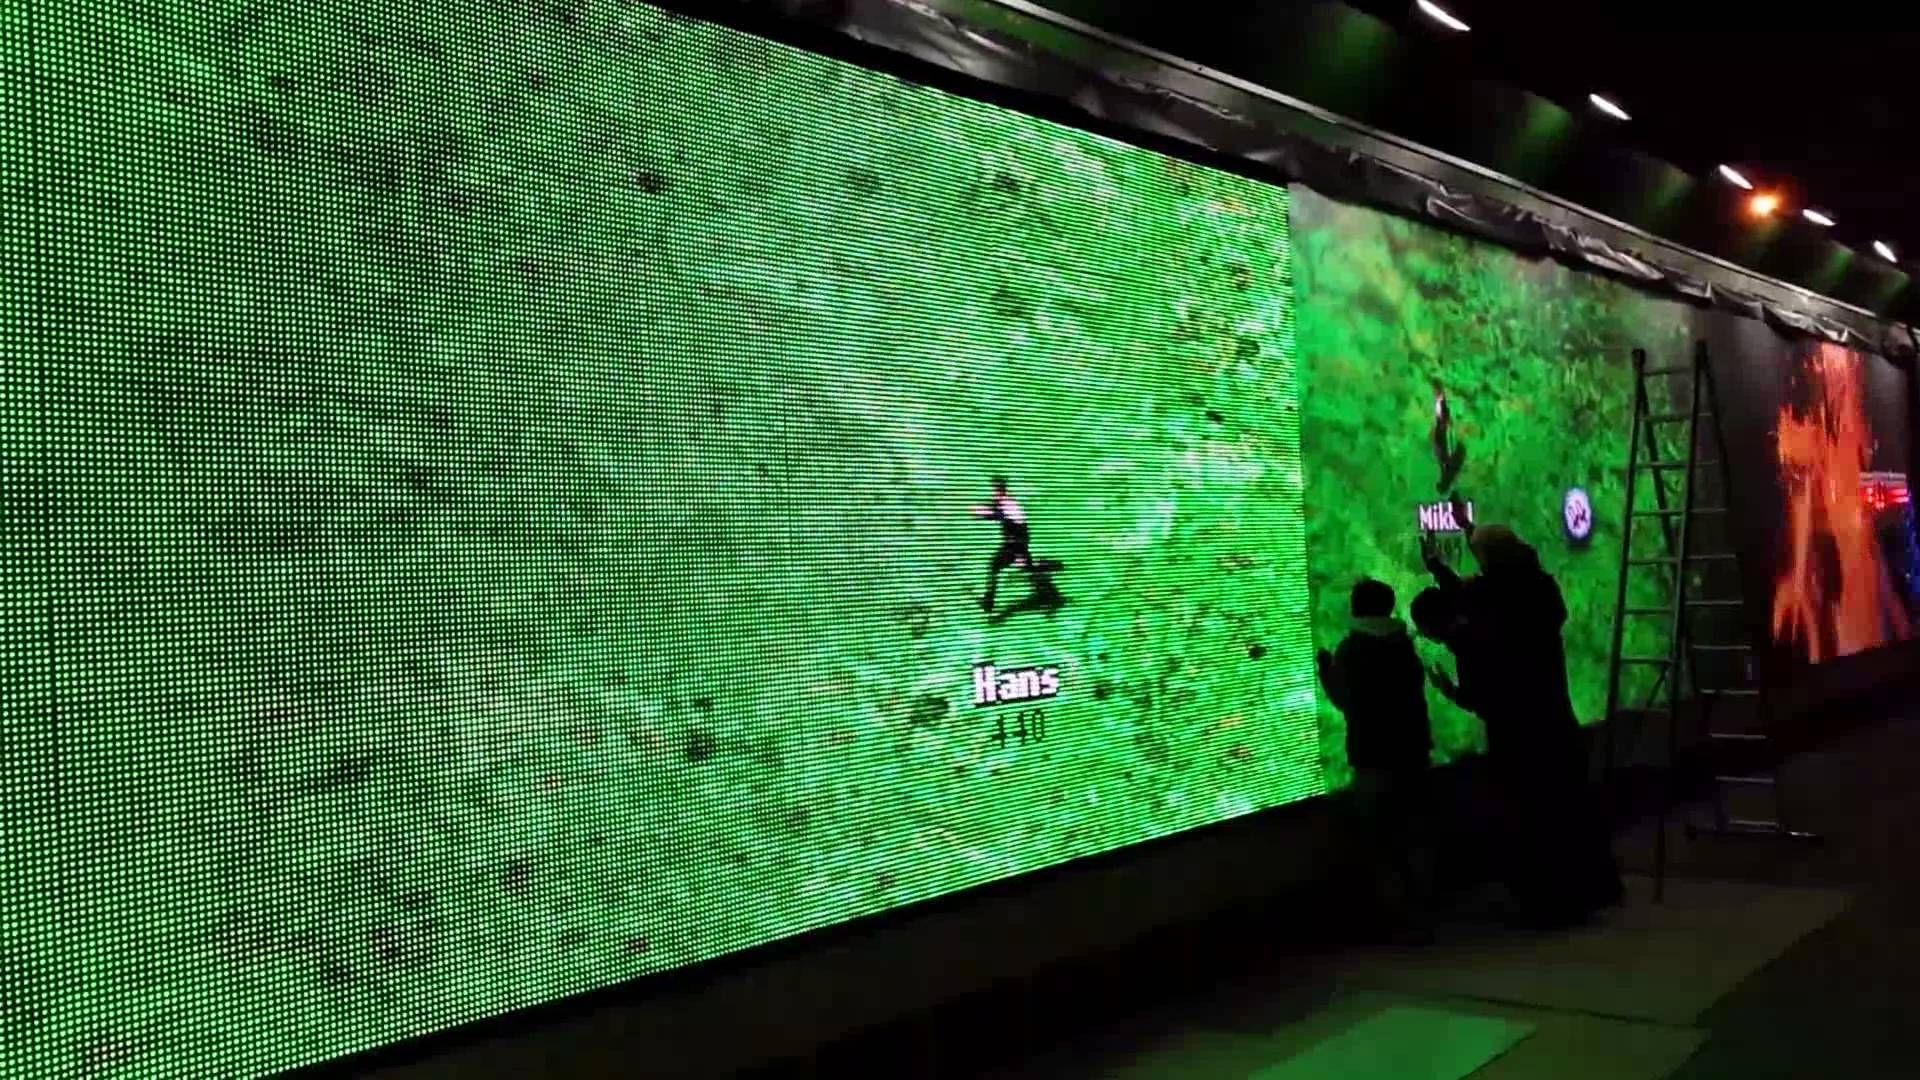 Teknikkerne lægger sidste hånd på den 23 meter lange skærm på Rådhuspladsen og vi tester vores sidste nye second screen spil.